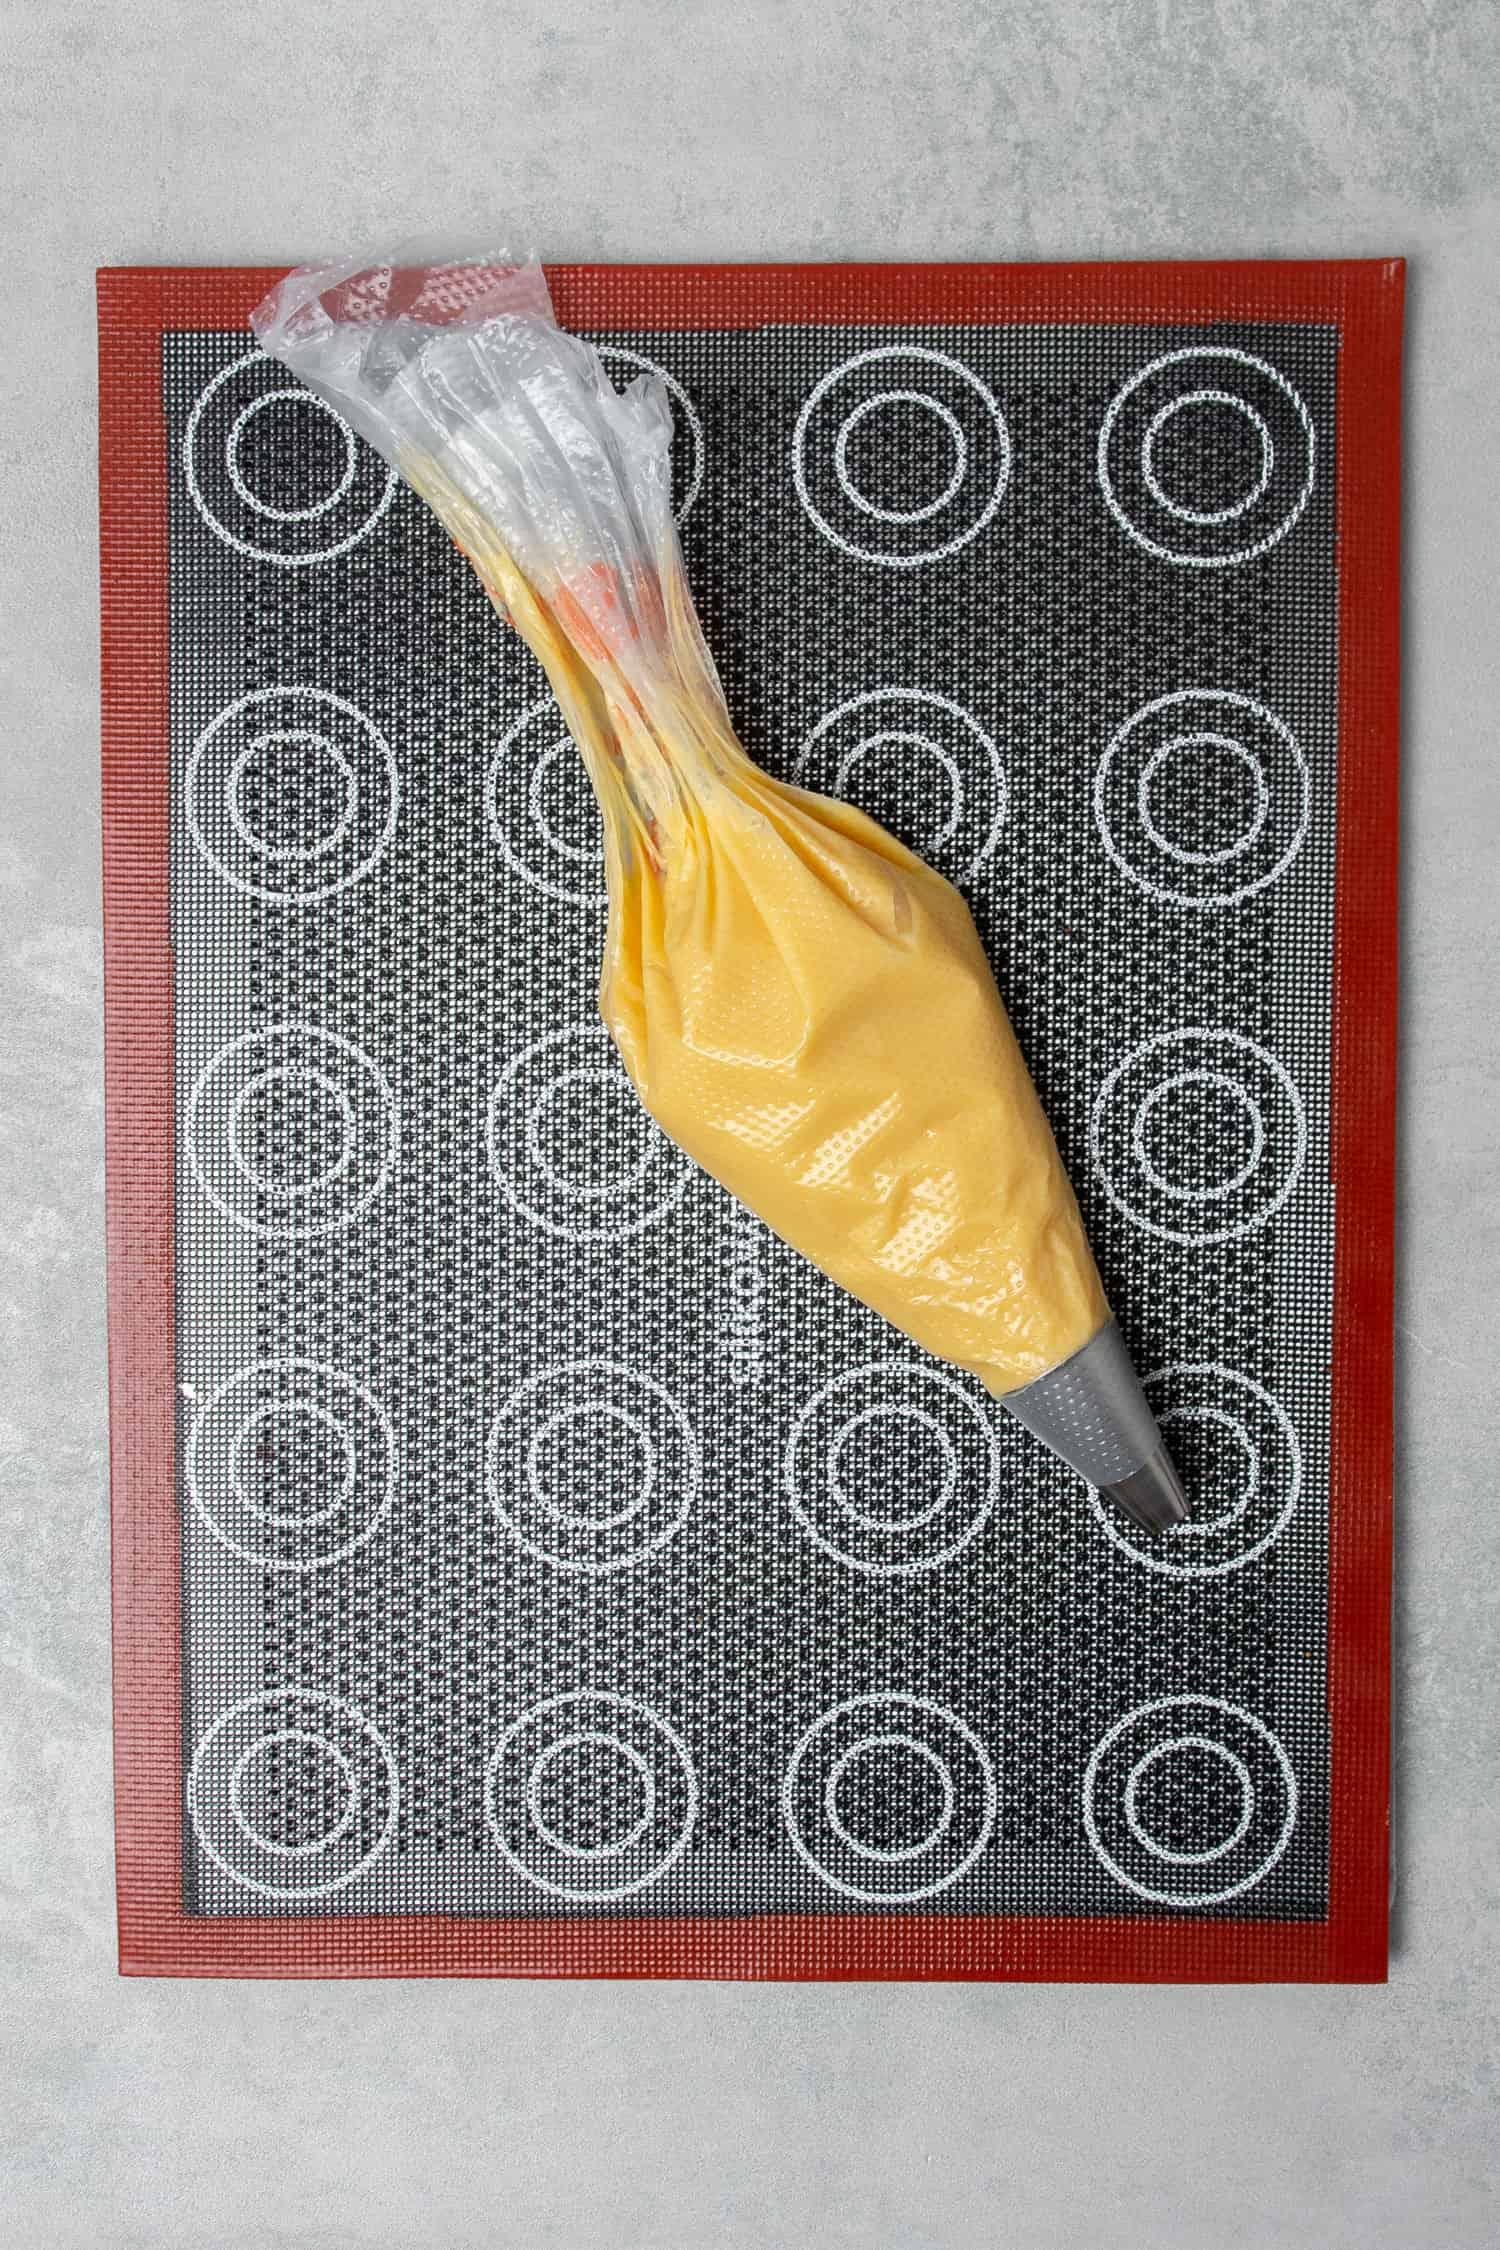 Crème Brûlée Choux au craquelin process